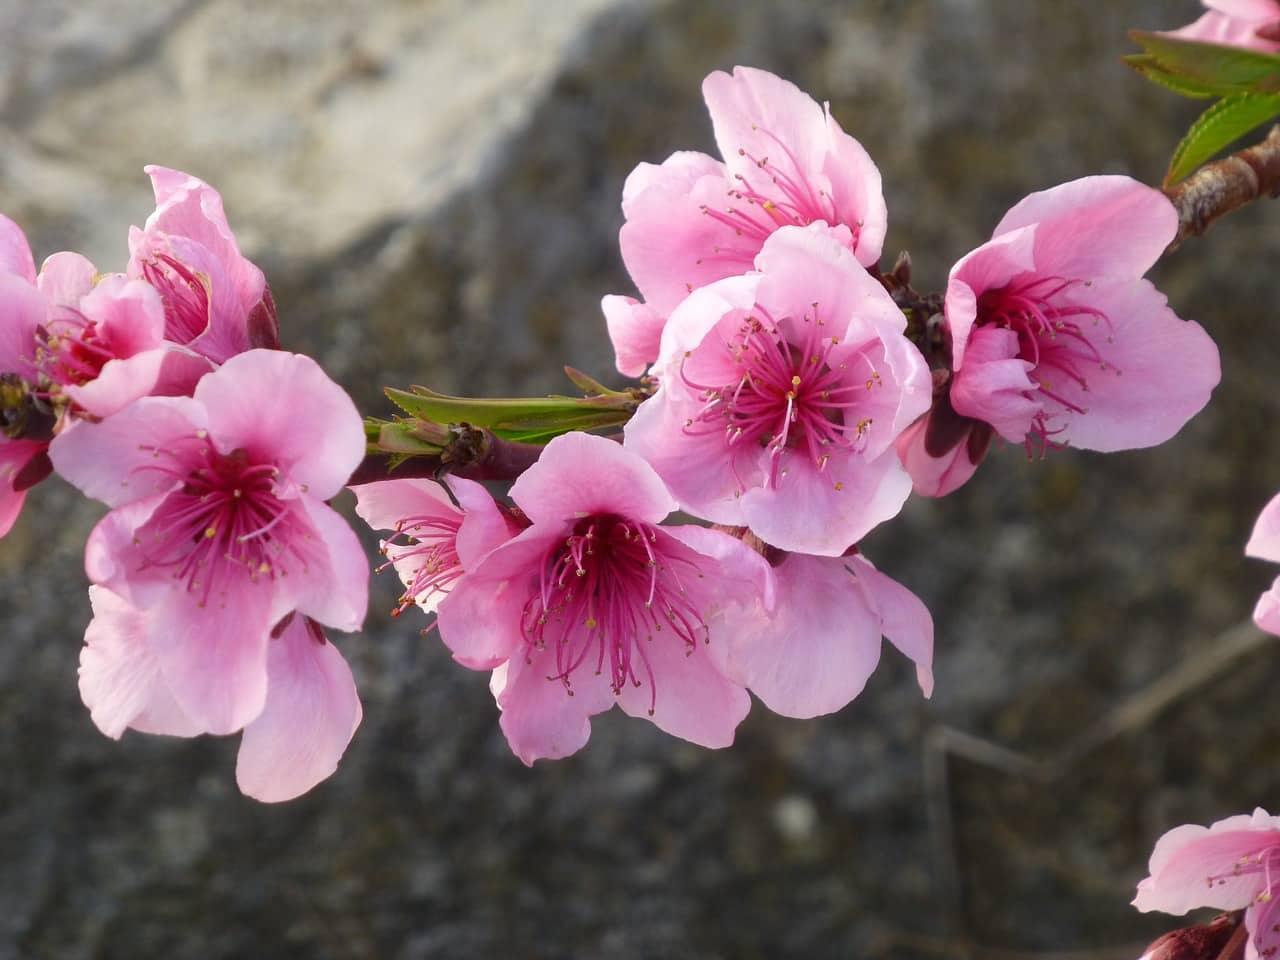 almond-blossom-2100049_1280